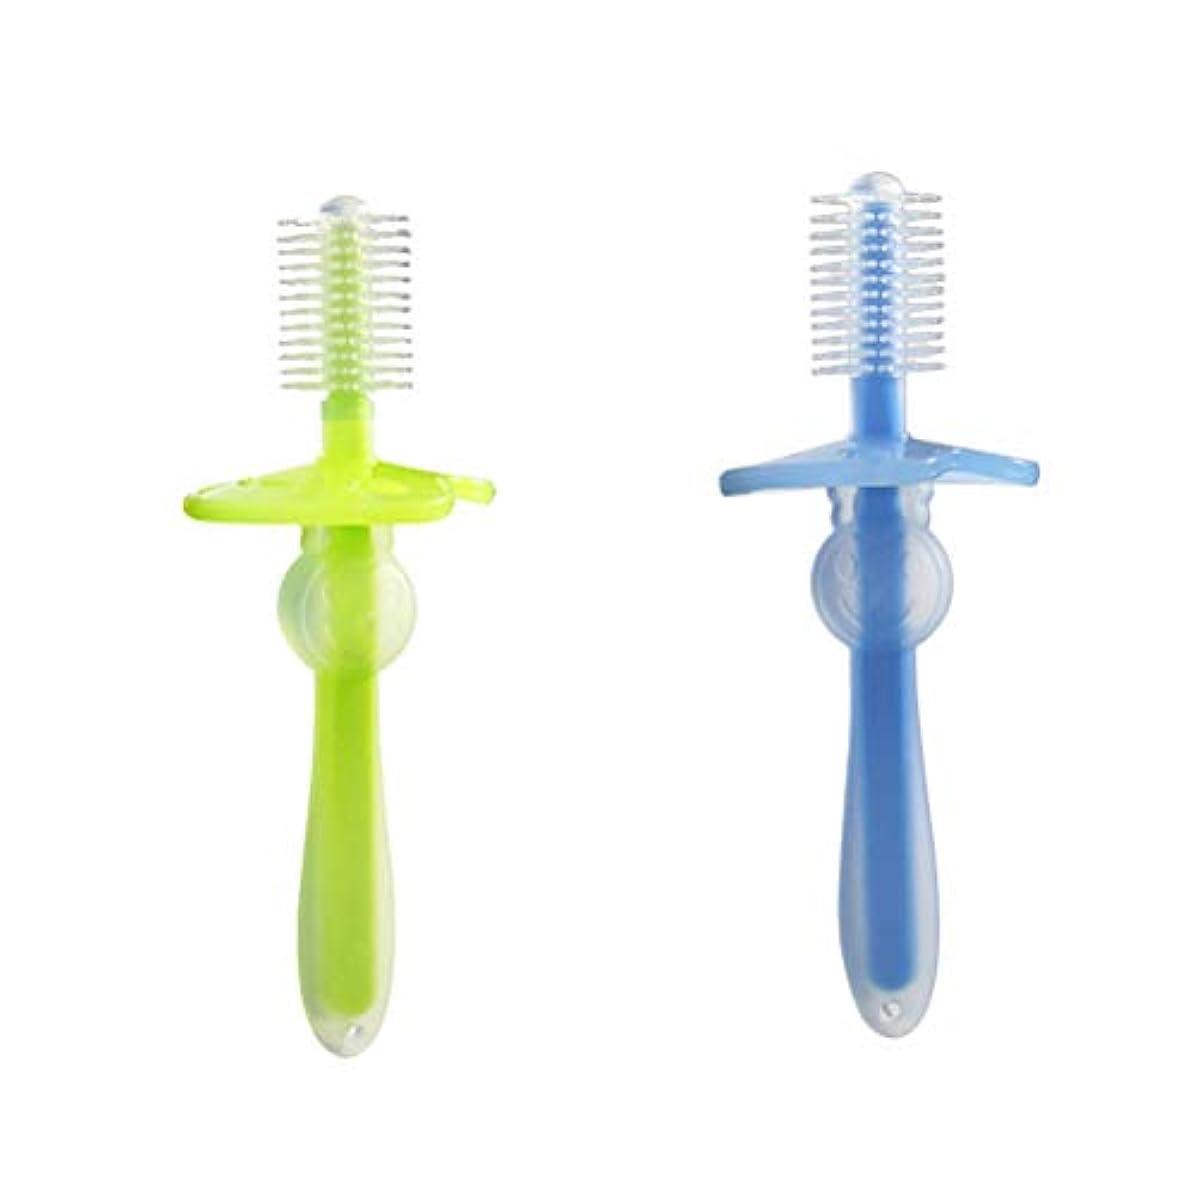 鉄道駅道徳教育有名なHealifty 歯ブラシ シリコン 360°ベビー歯ブラシ 幼児 柔軟なトレーニング歯ブラシ 2ピース(緑と青)